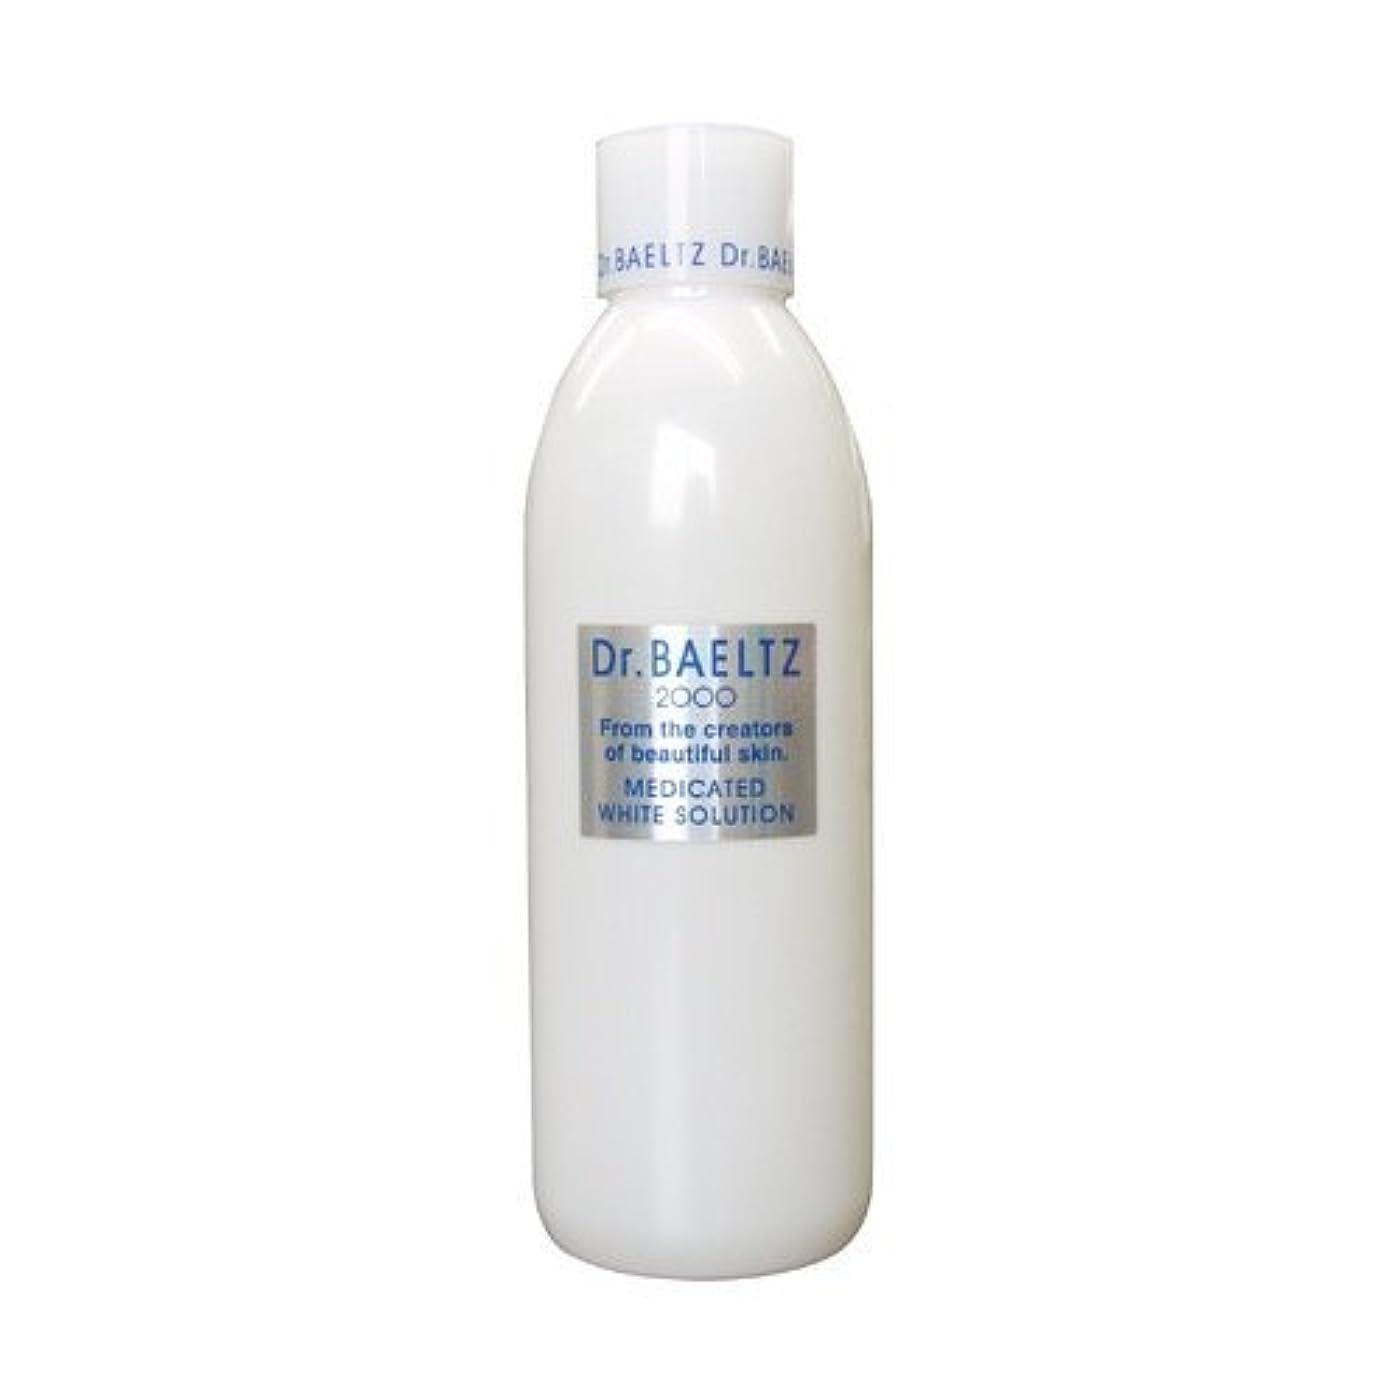 喜ぶ一見騒々しいドクターベルツ(Dr.BAELTZ) 薬用ホワイトソリューション 300ml(美白化粧水 医薬部外品)